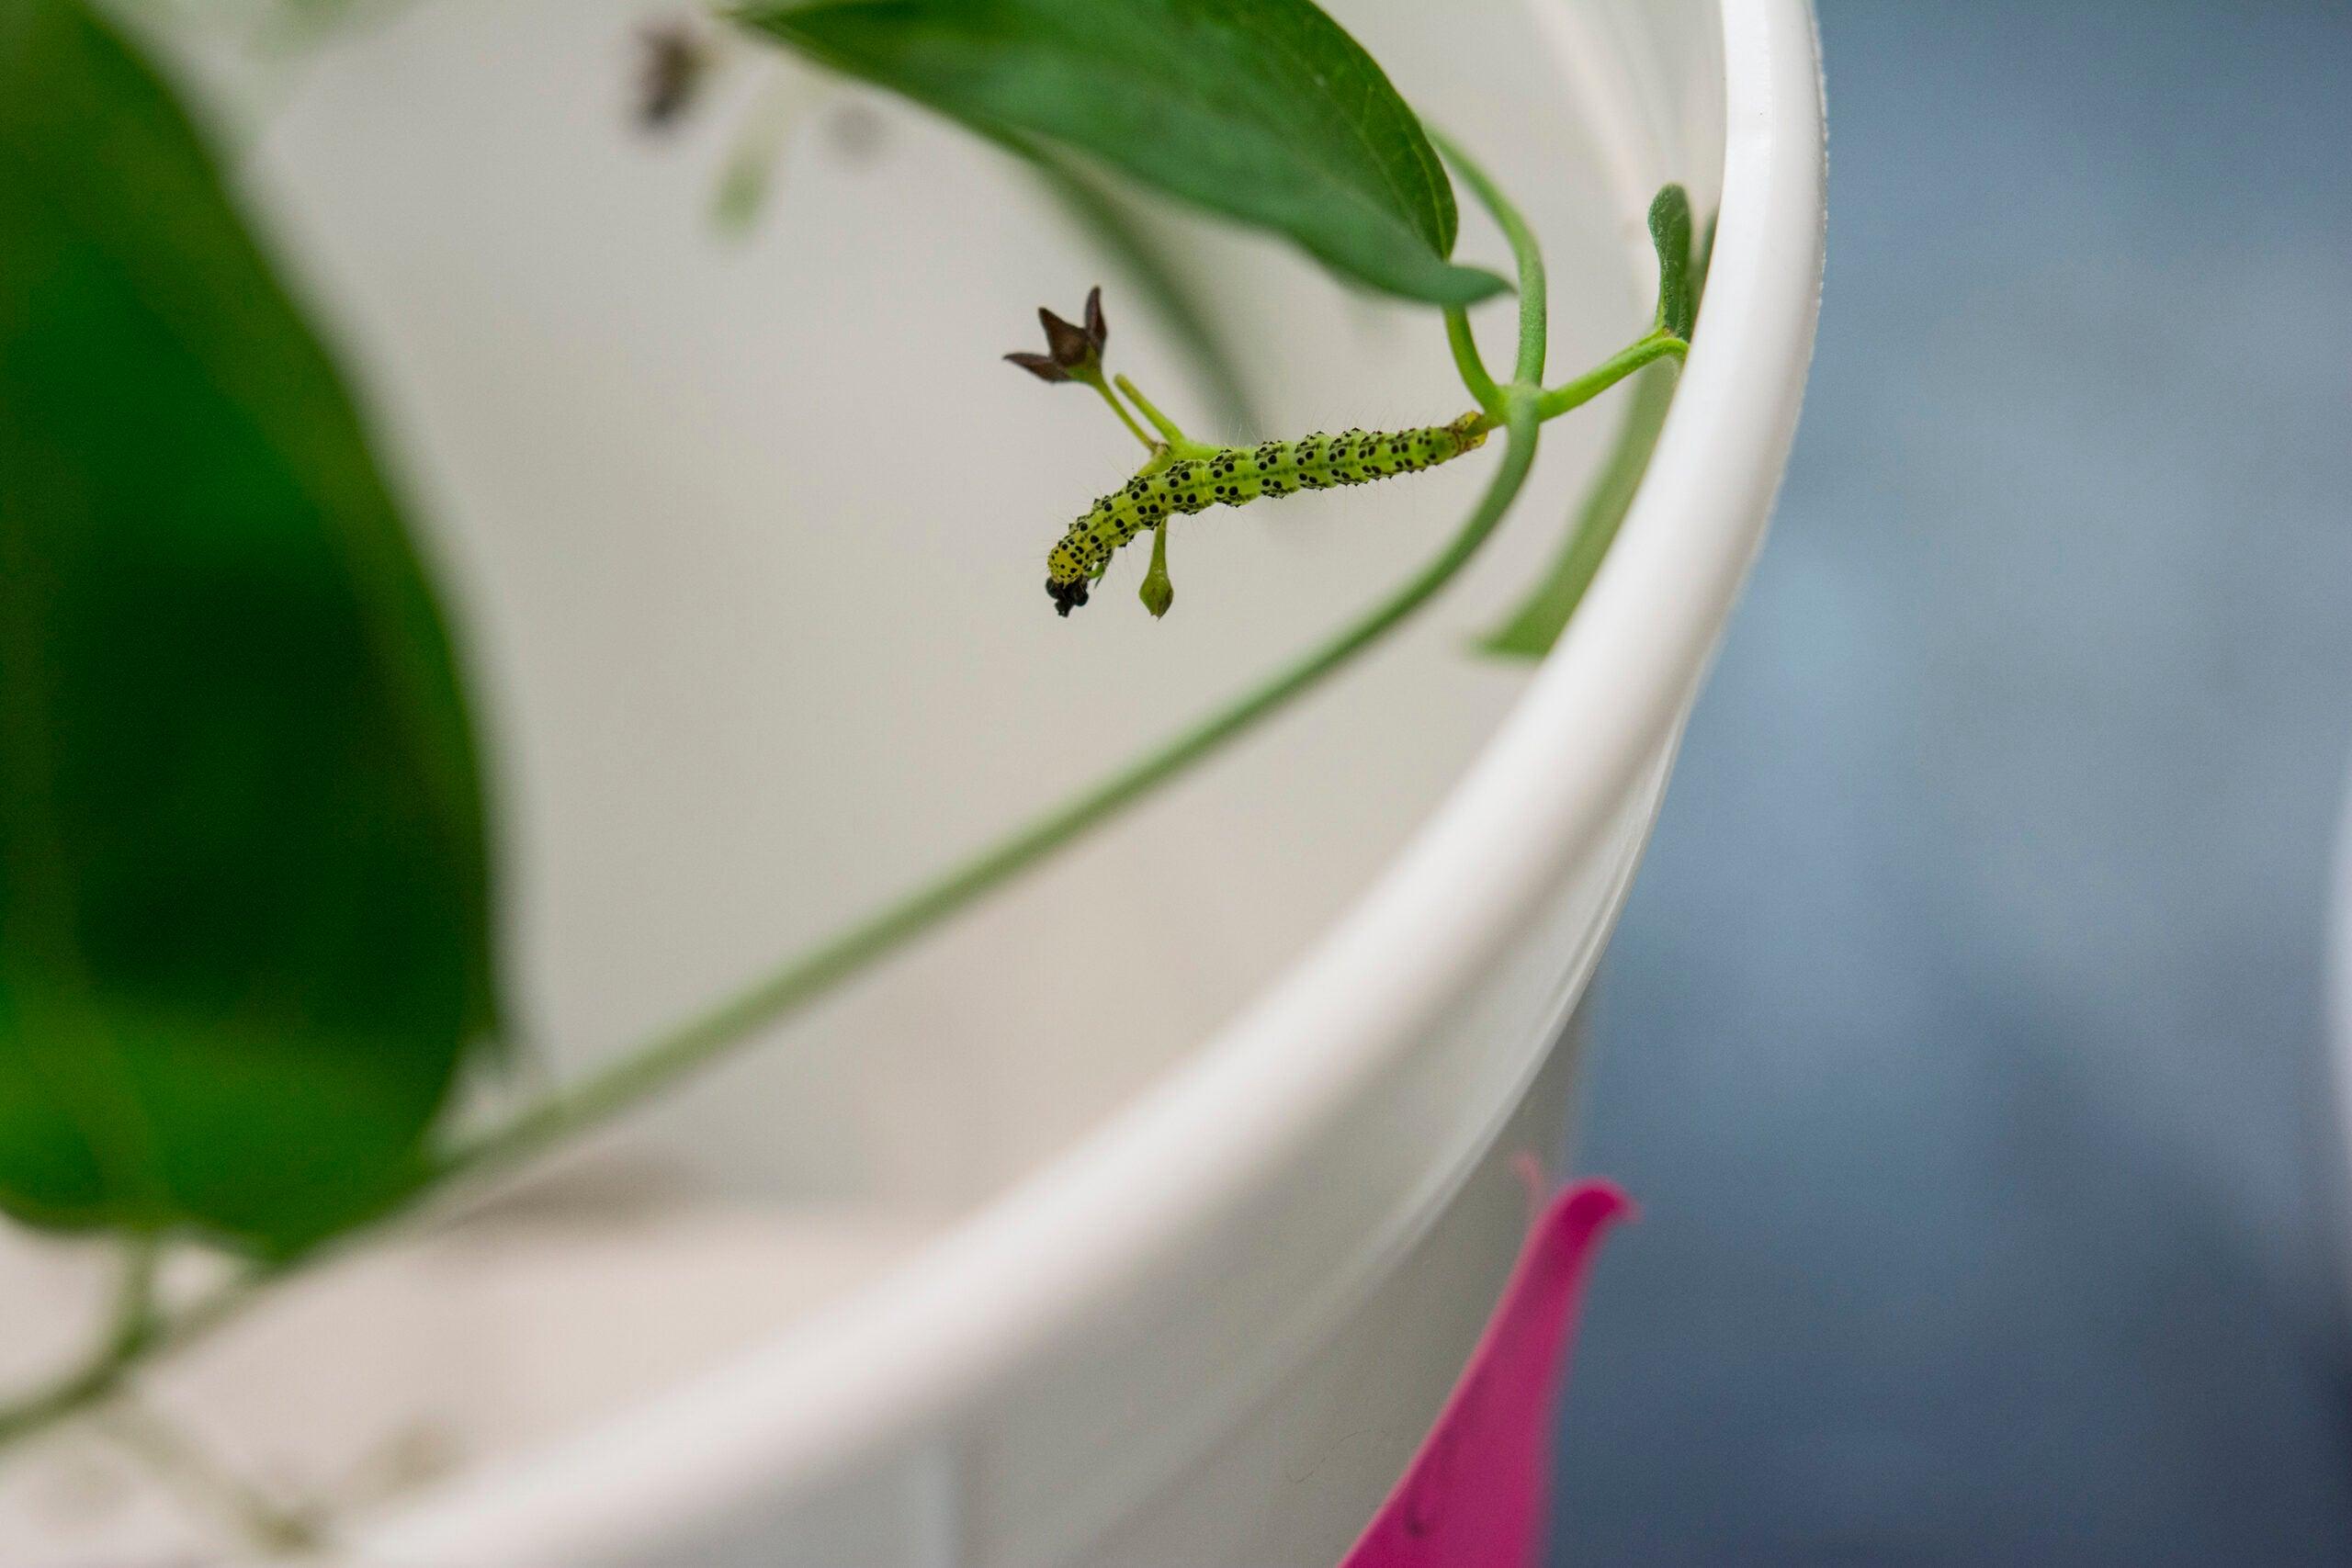 Hypena opulenta caterpillar